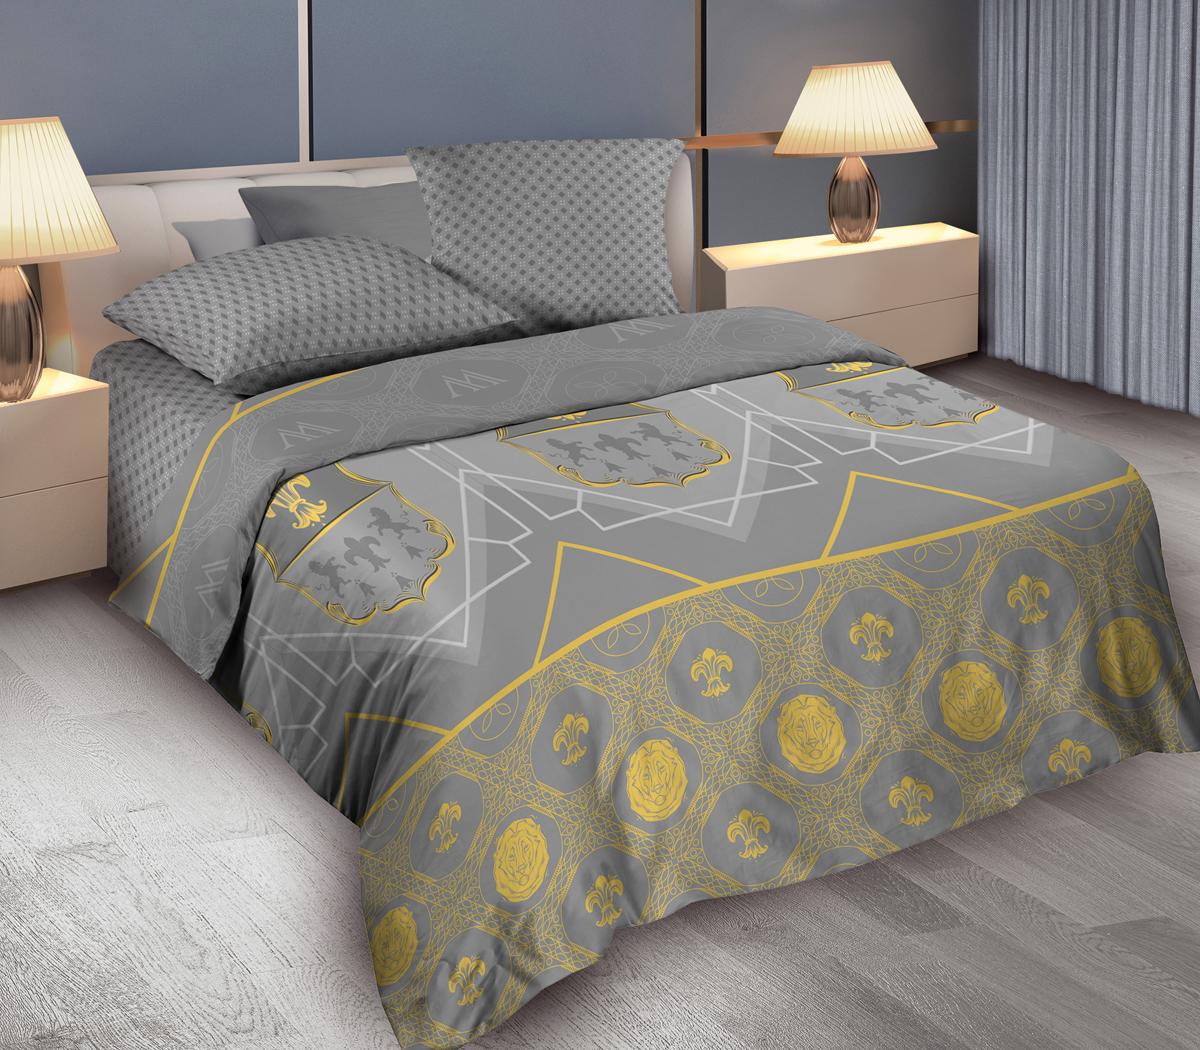 Комплект белья Wenge King Arthyr, 1,5-спальный, наволочки 70x70, цвет: серый364970